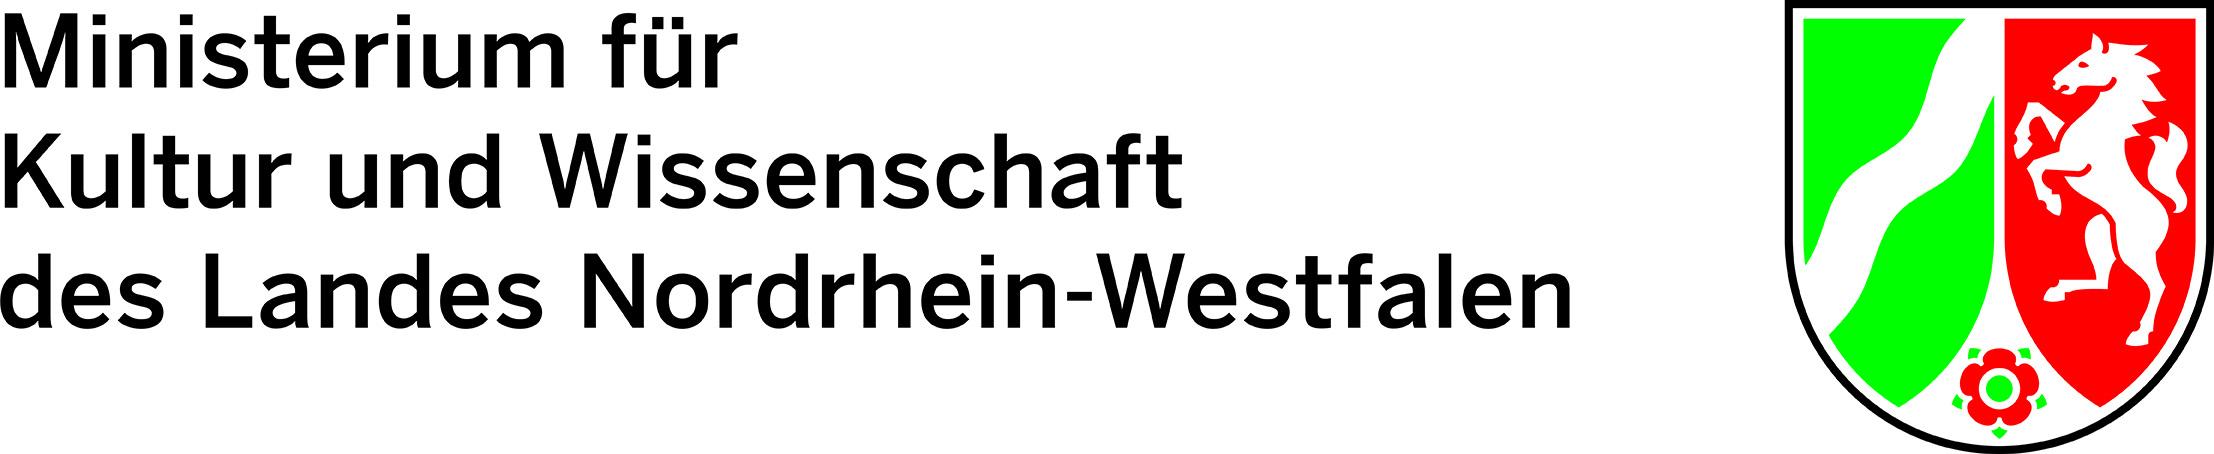 klAK_Kultur_und_Wissenschaft_Farbig_CMYK